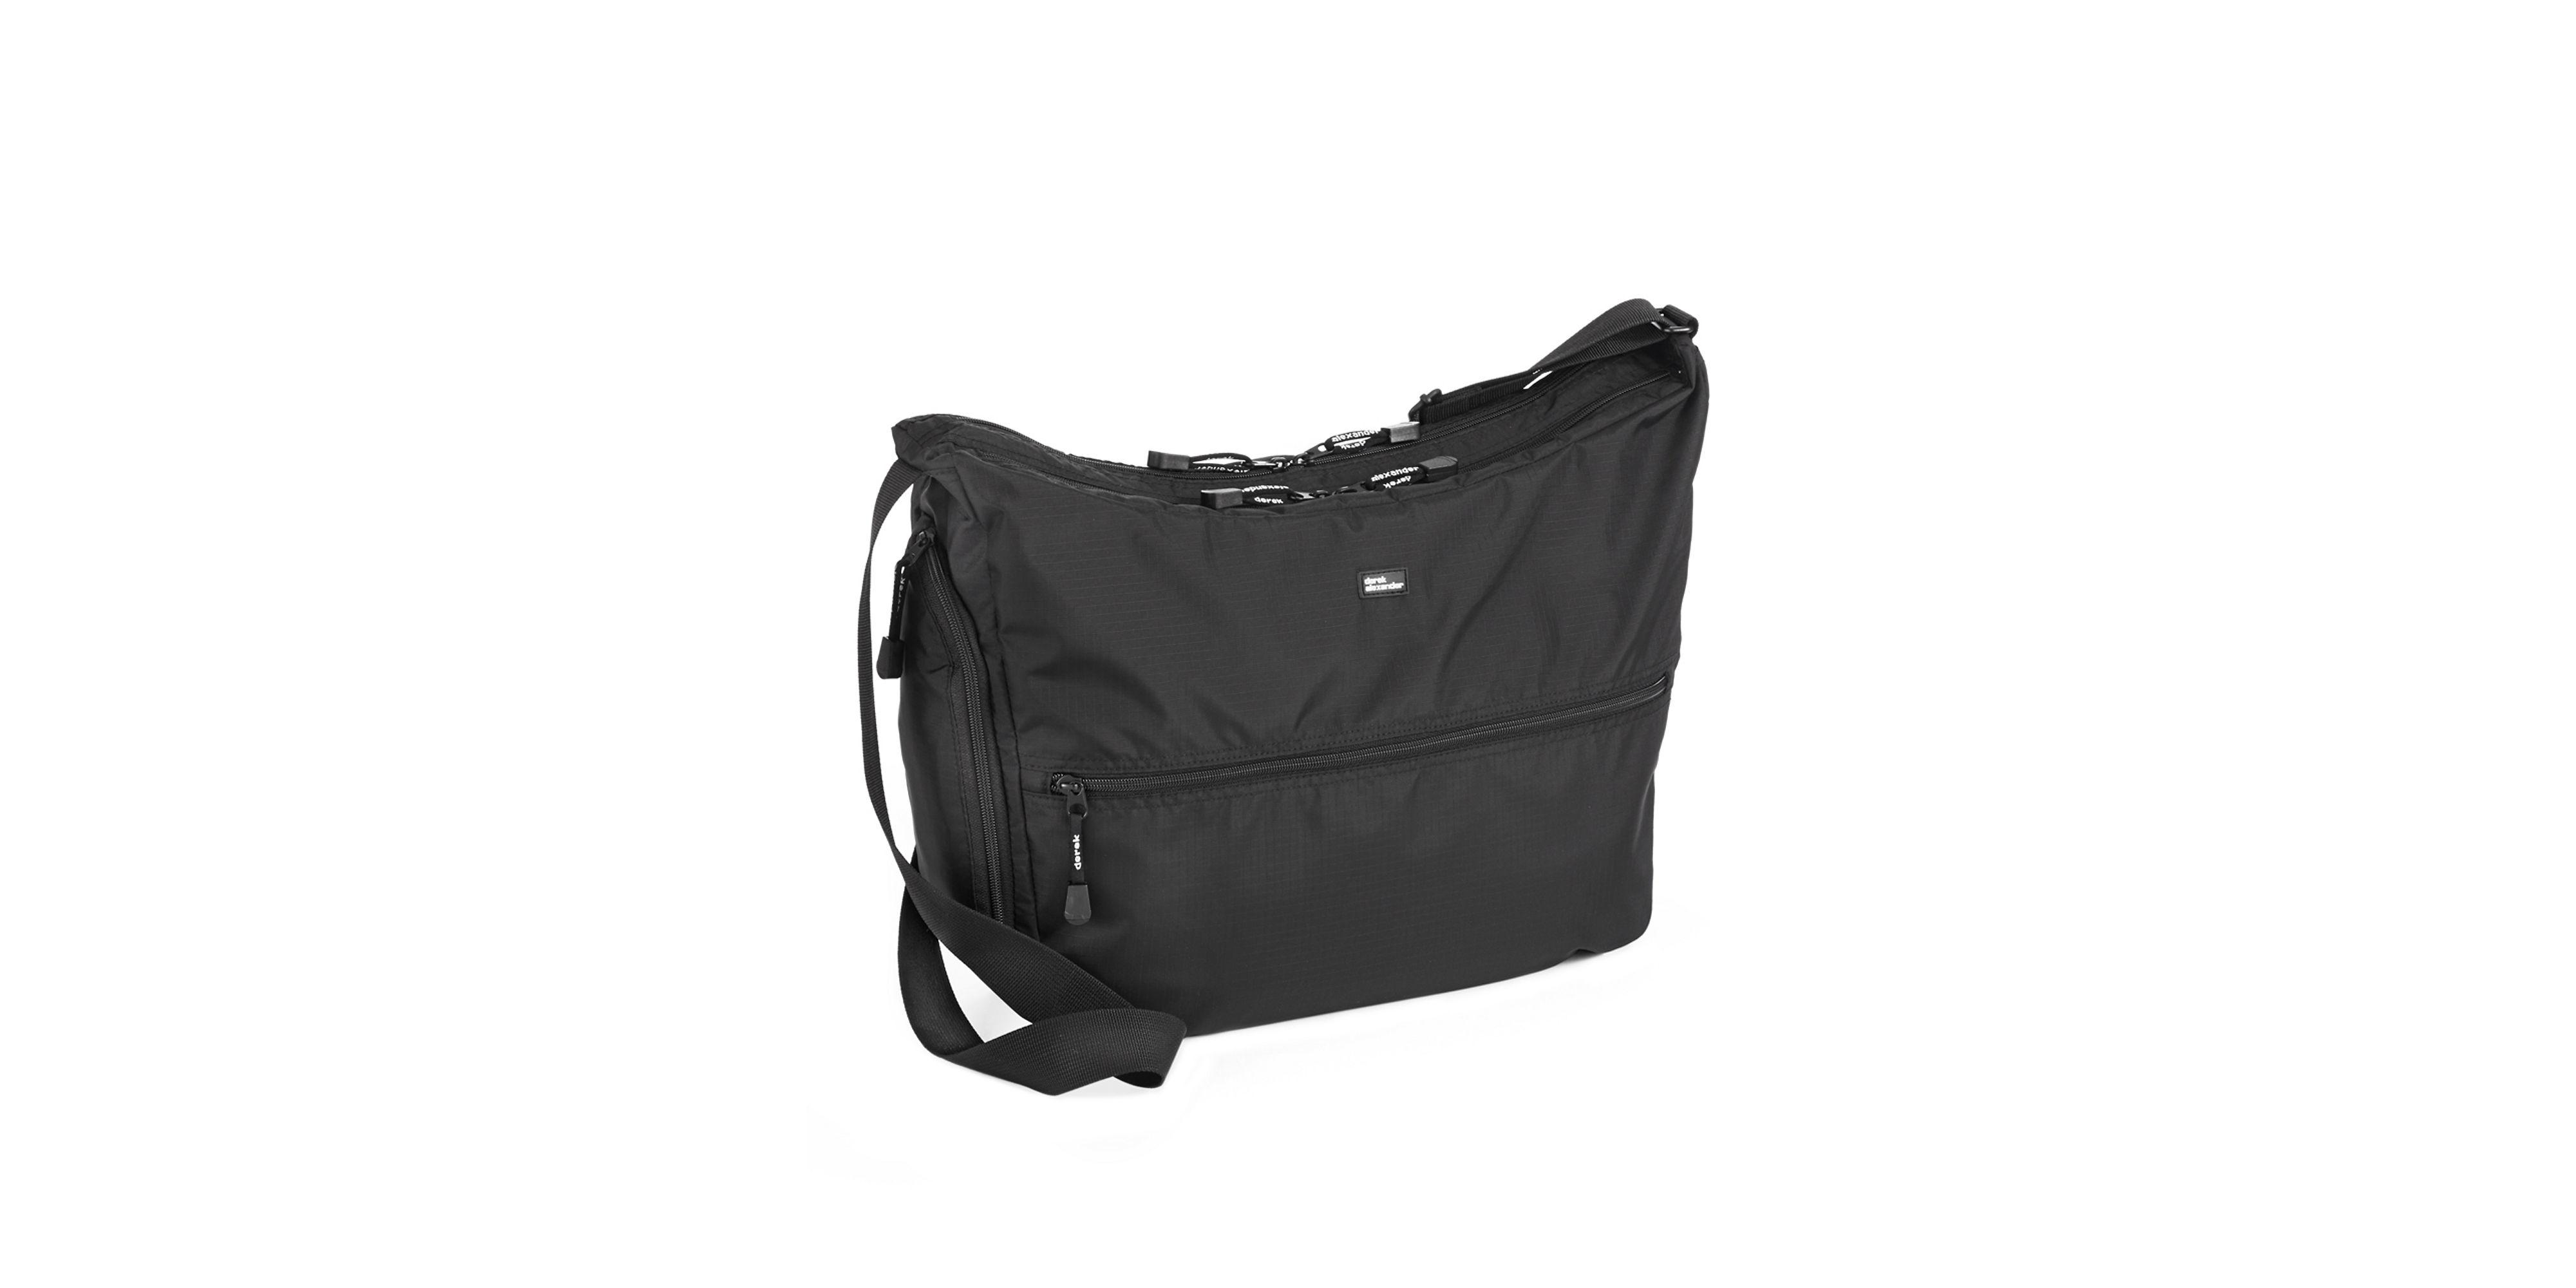 Derek alexander Large Top Zip Hobo Bag in Black